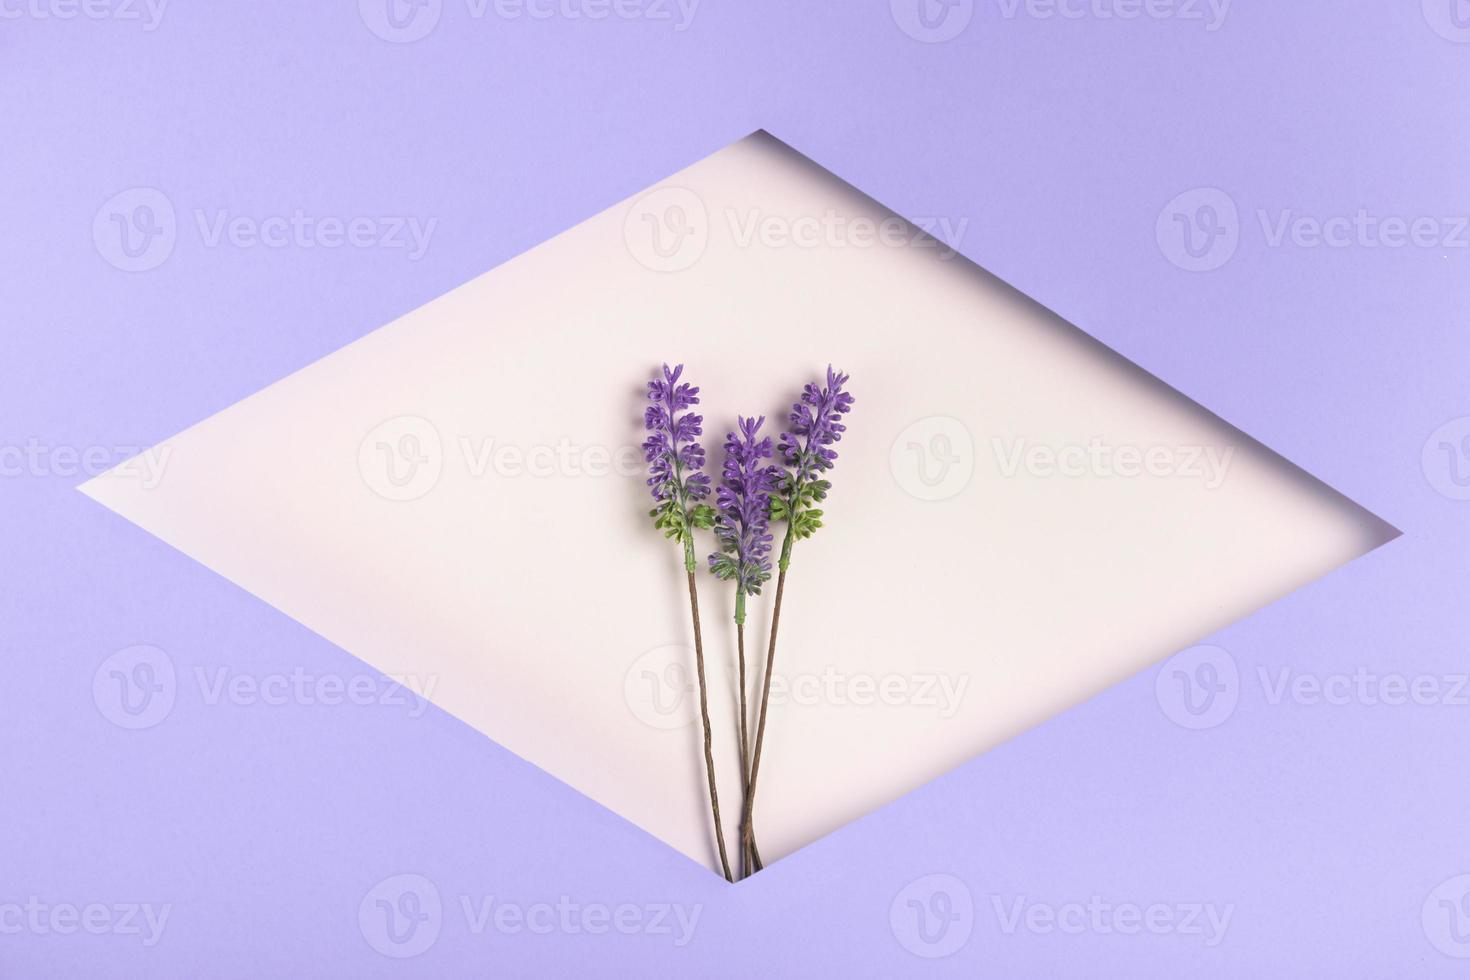 geometrisk pappersform med lavendel foto